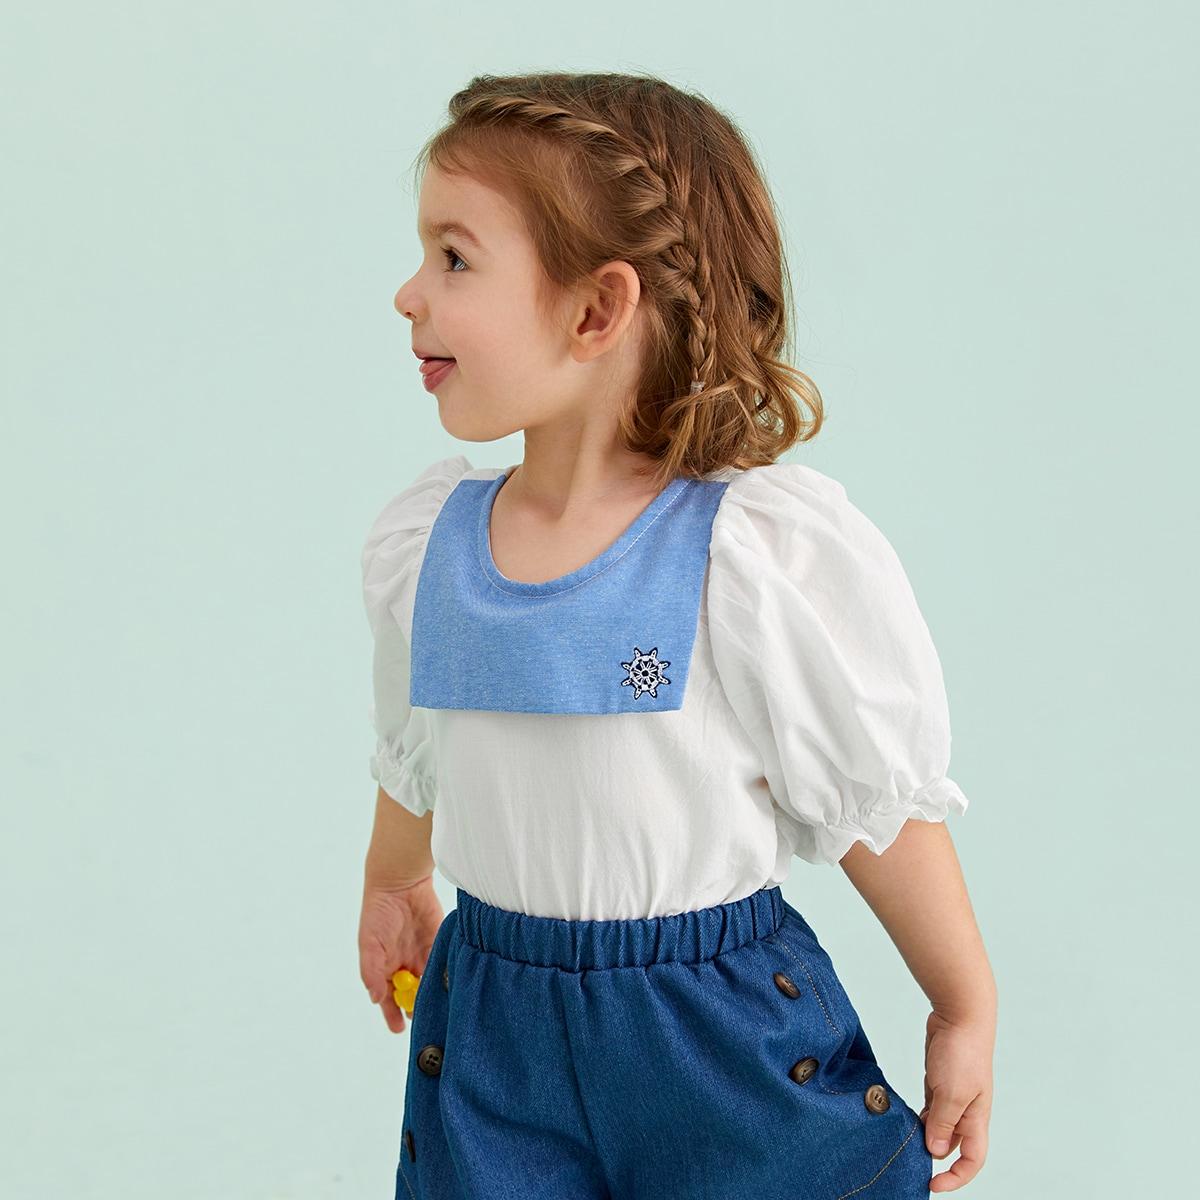 Топ с пышным рукавом и графической вышивкой для девочек